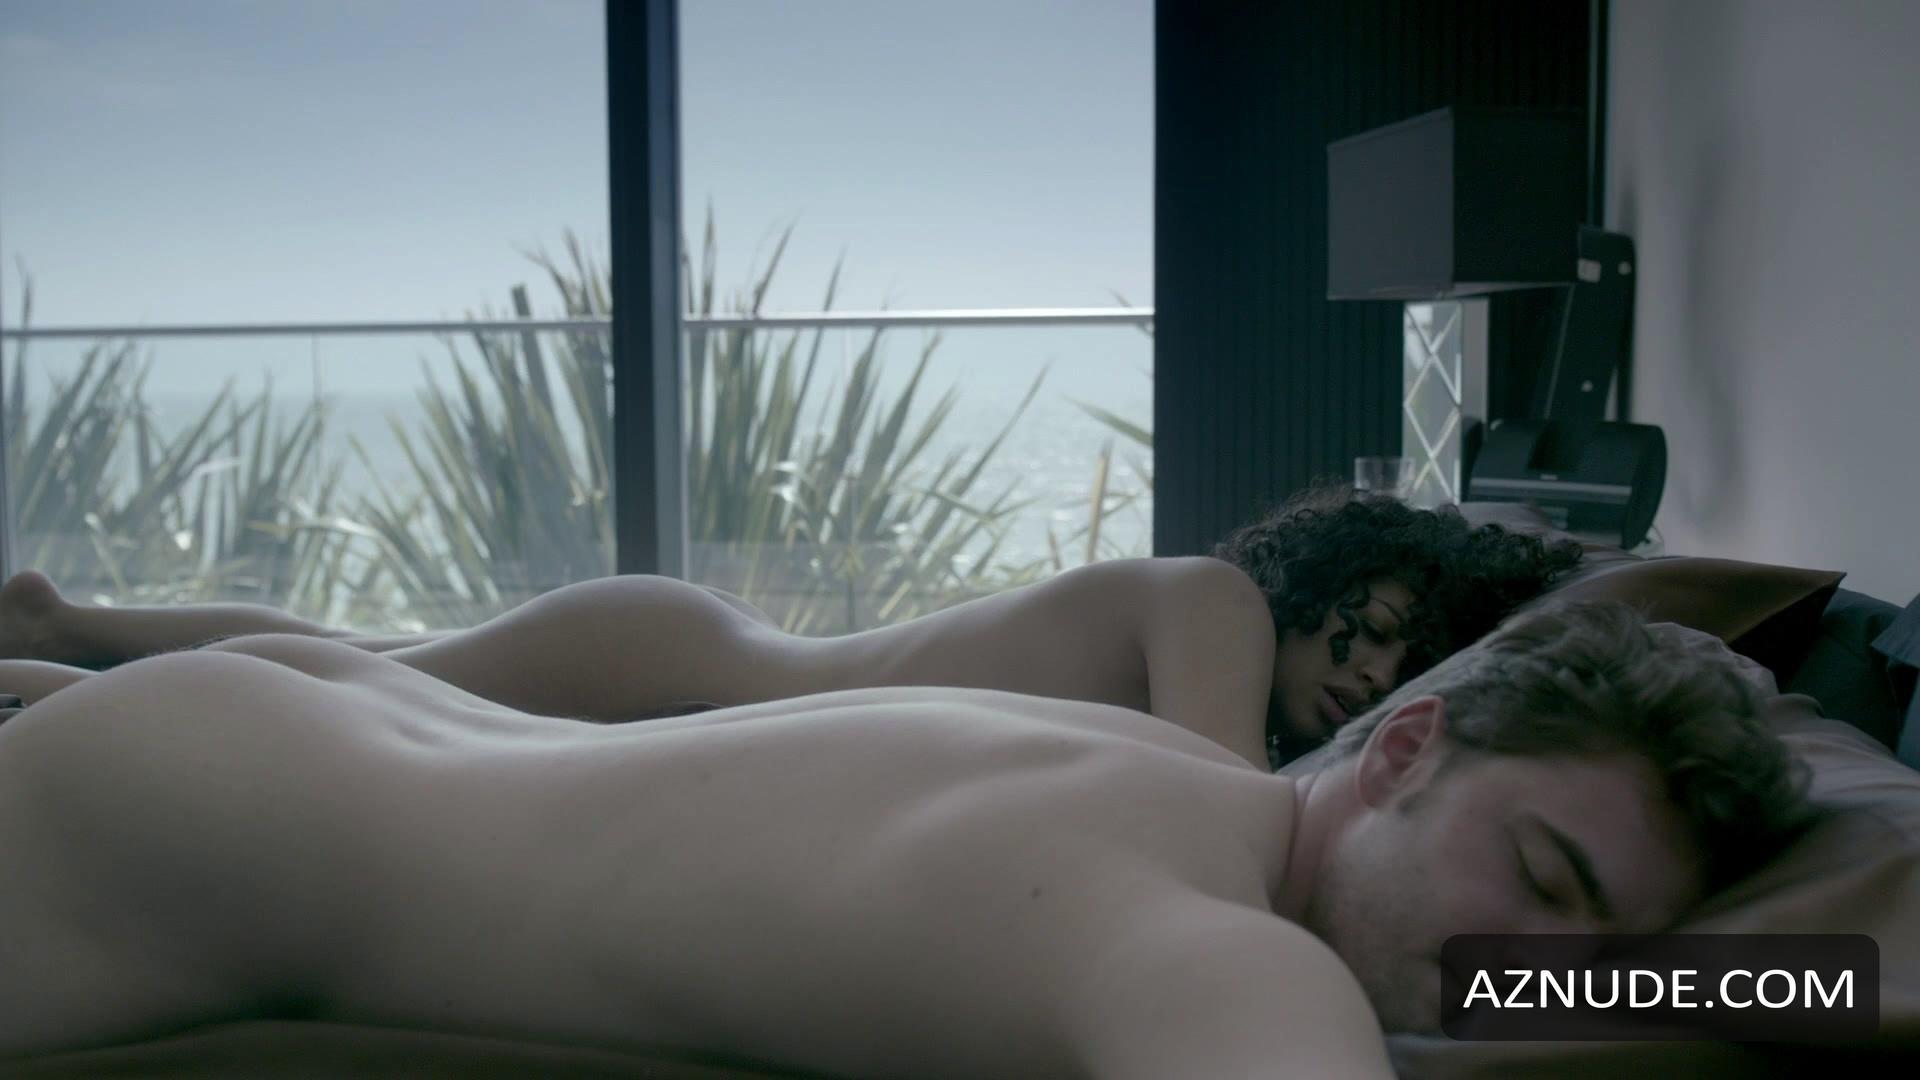 Hots Jason Bateman Naked Pic